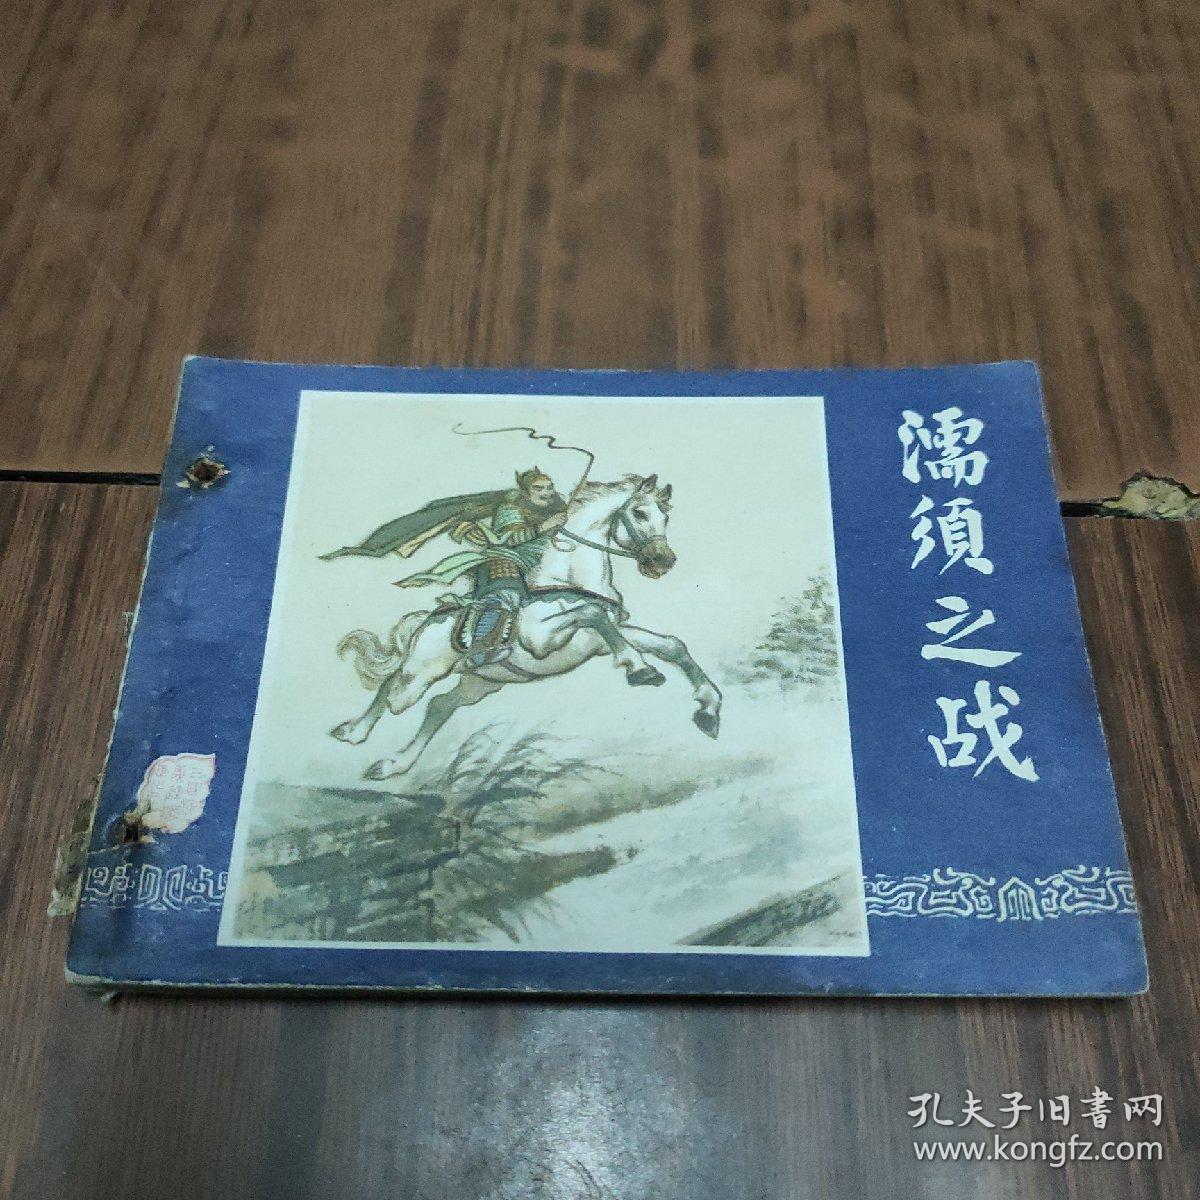 三国演义之二十九—濡须之战 (箱12)